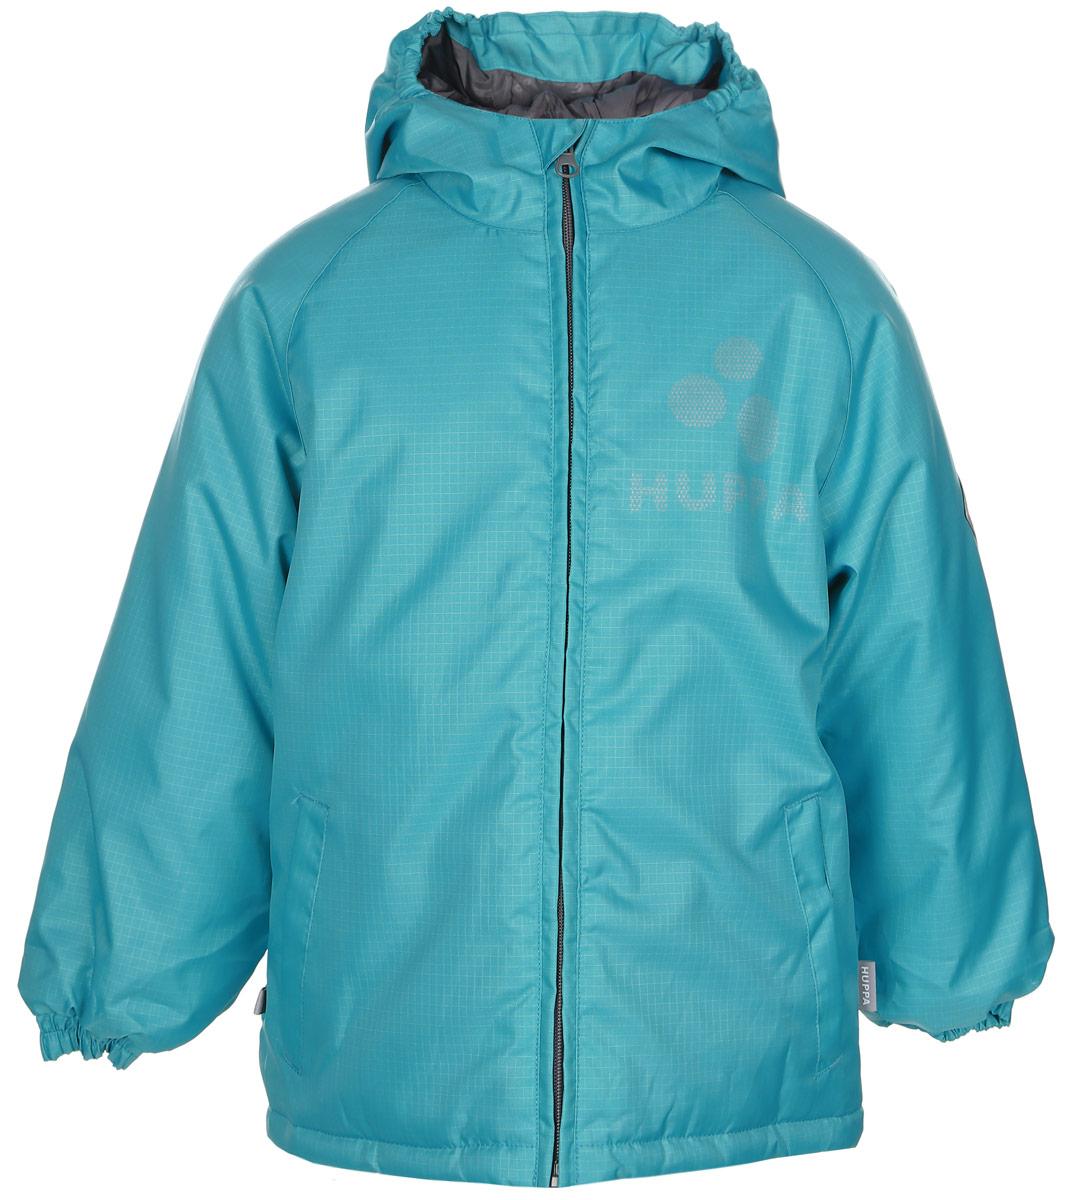 Куртка17710030-022Яркая детская куртка Huppa Classy идеально подойдет для ребенка в прохладное время года. Куртка изготовлена из водоотталкивающей и ветрозащитной ткани и утеплена синтепоном (100% полиэстер). В качестве подкладки также используется полиэстер. Куртка с капюшоном застегивается на пластиковую застежку-молнию и дополнительно имеет внутренний ветрозащитный клапан, а также защиту подбородка. По краю капюшон дополнен эластичными вставками. Низ рукавов обработан манжетами на резинках. Модель спереди дополнена втачными карманами. Куртка спереди и сзади оформлена светоотражающими элементами в виде названия бреда. На левом рукаве расположена небольшая нашивка с названием бренда. В такой куртке ваш ребенок будет чувствовать себя комфортно, уютно и всегда будет в центре внимания!